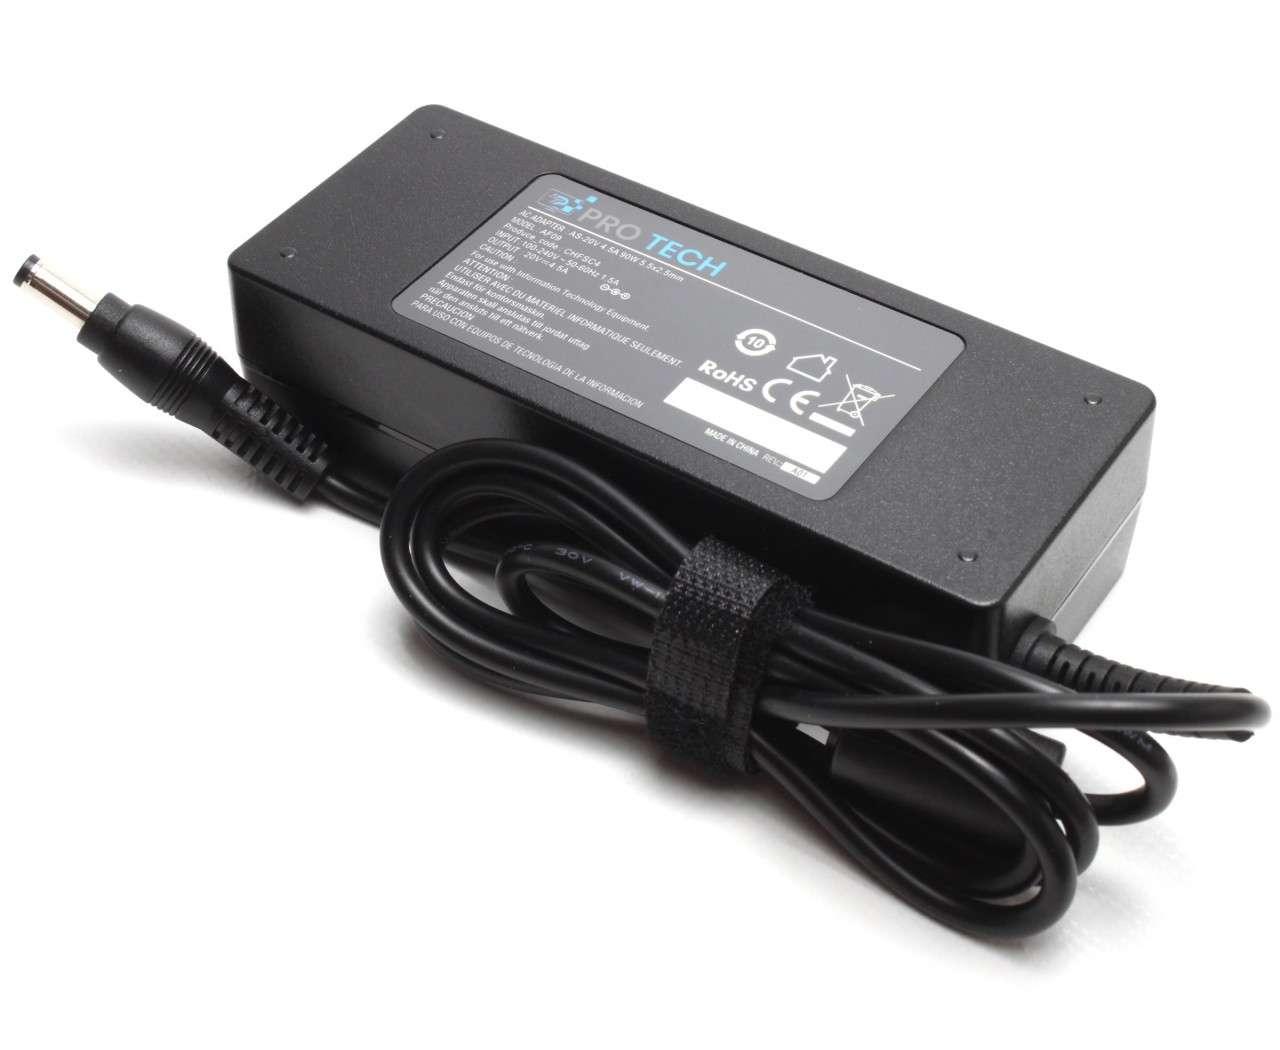 Incarcator Fujitsu Siemens LifeBook A530 AH530 Replacement imagine powerlaptop.ro 2021